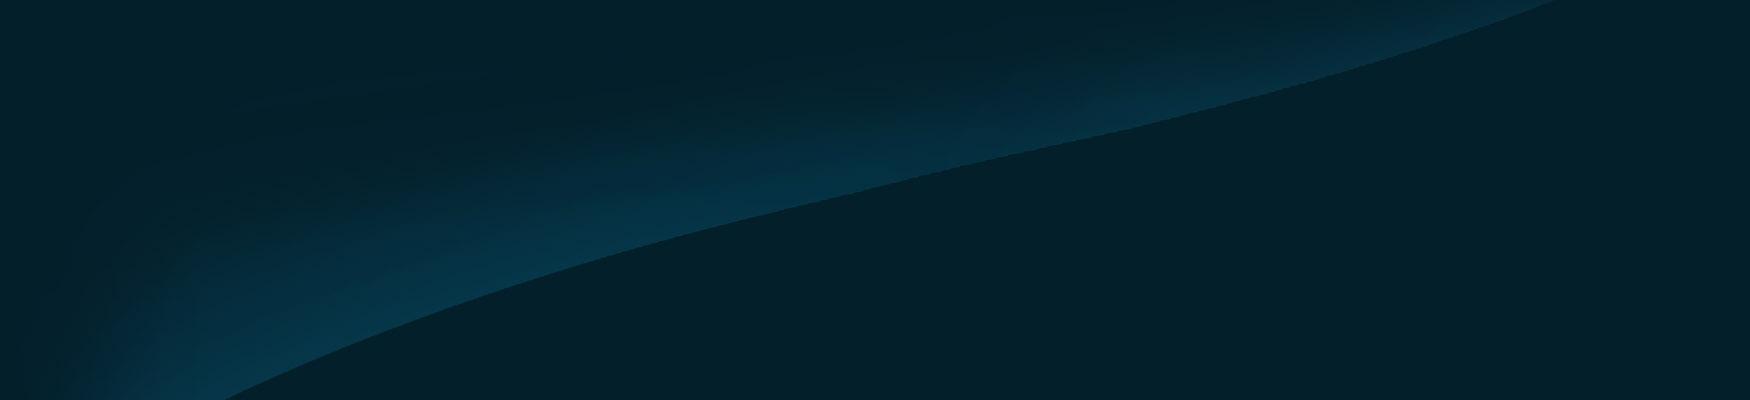 Blue Theme Background Image.